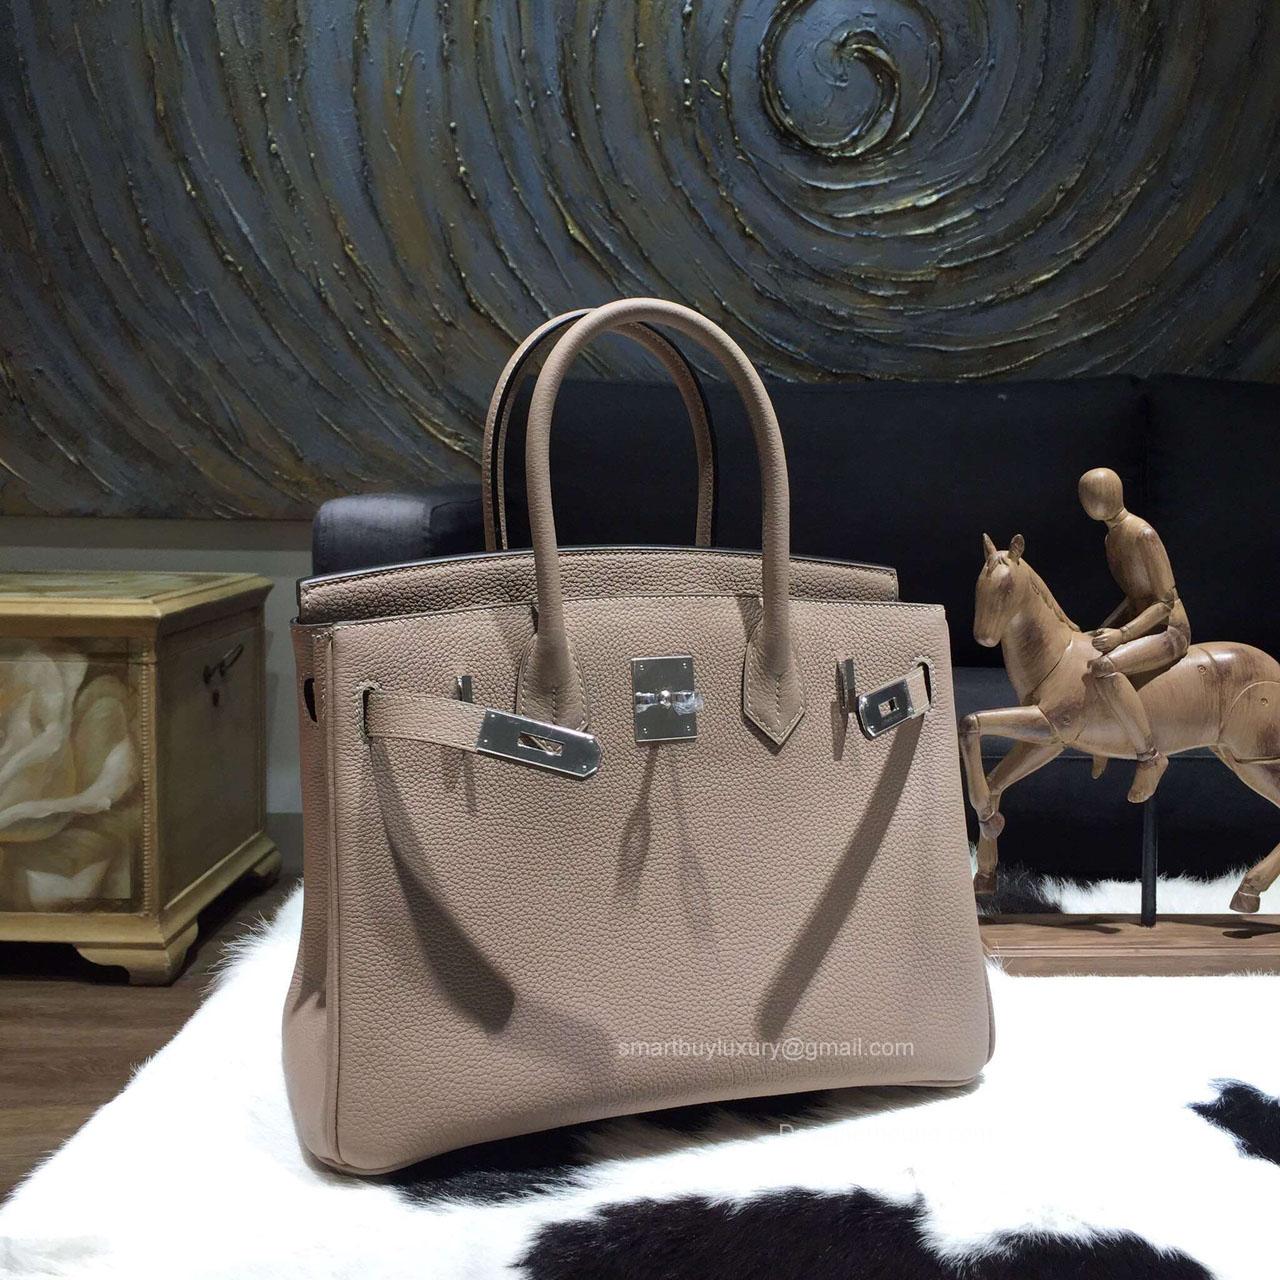 hermes evelyne bag price in paris - hermes gris tourterelle birkin bag- togo ghw 35 cm, birkin ...